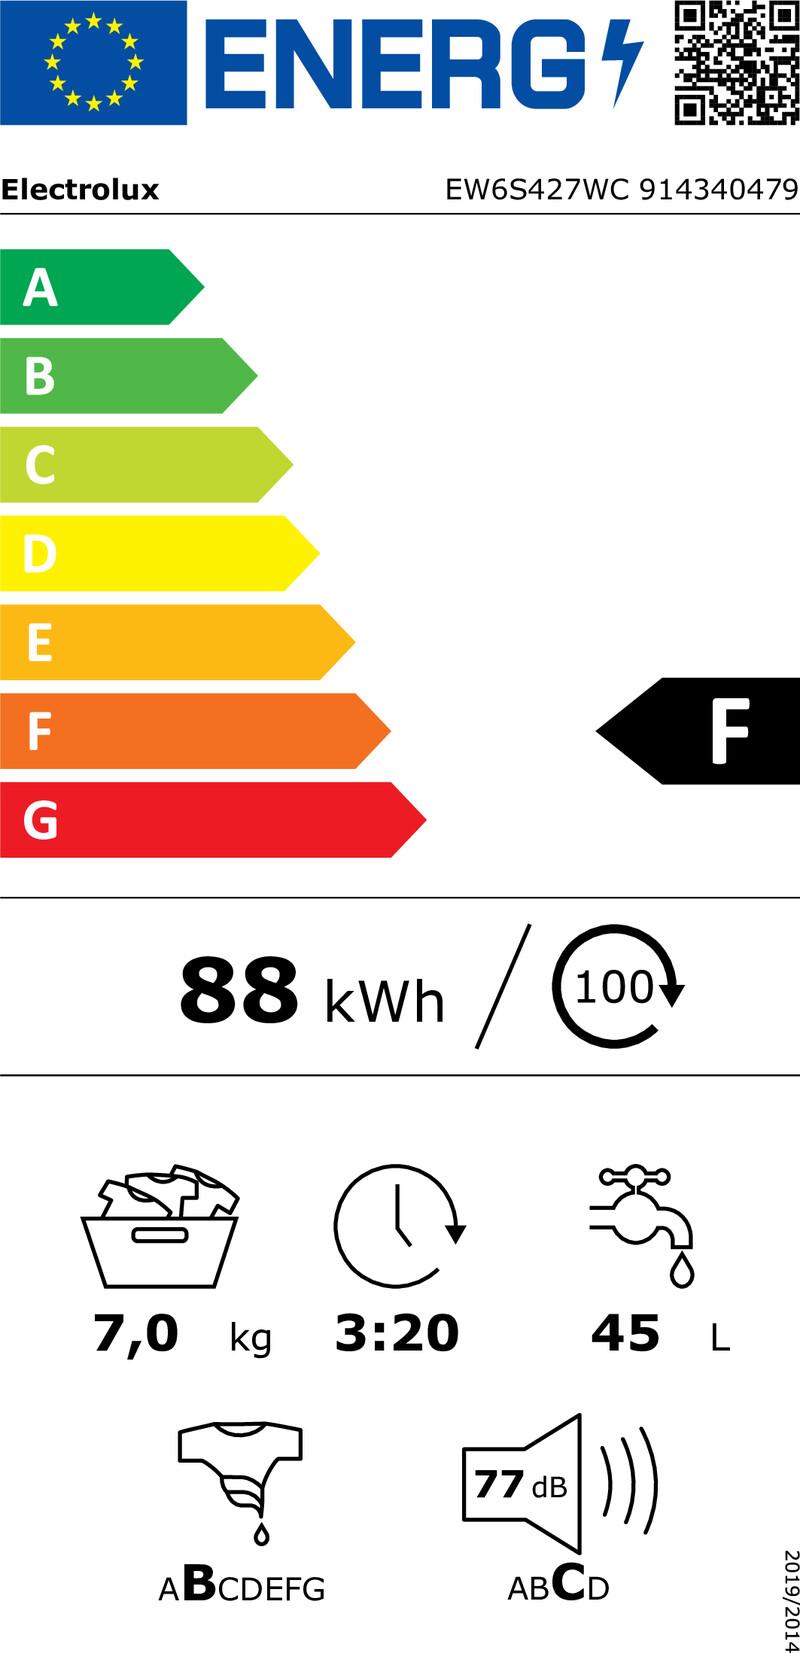 Energetický štítek Electrolux EW6S427WC